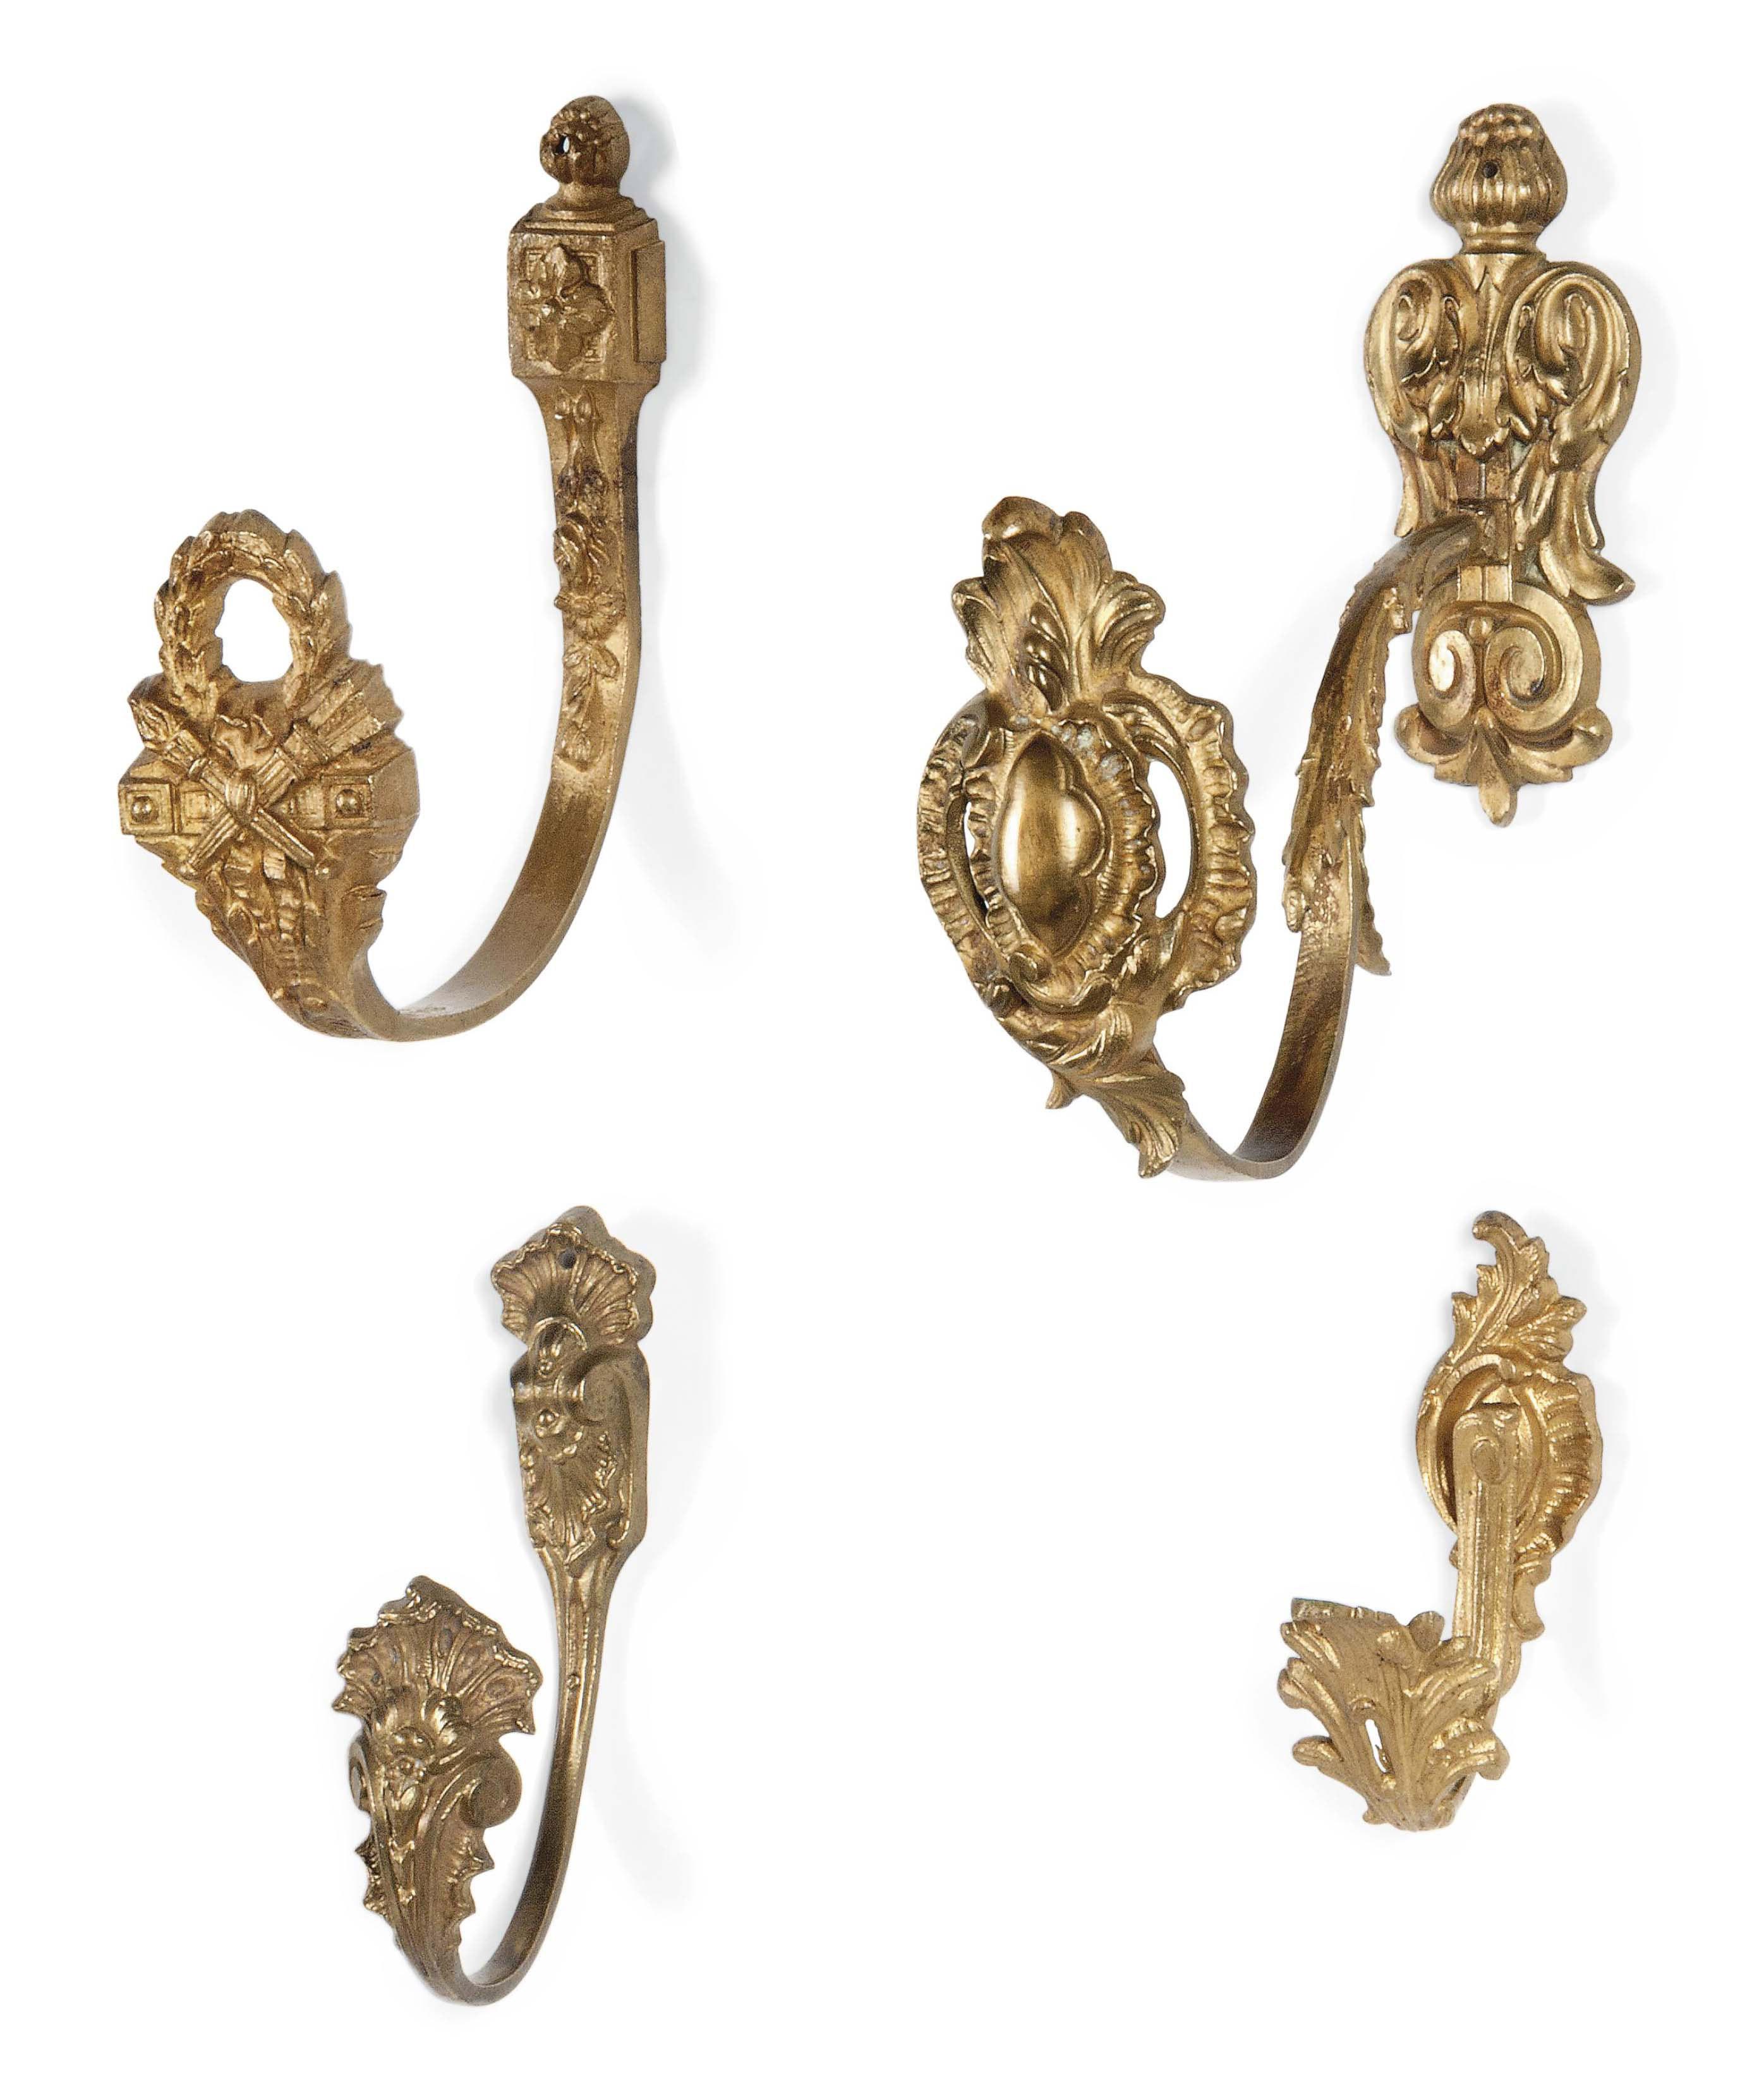 french gilt brass curtain tie backs